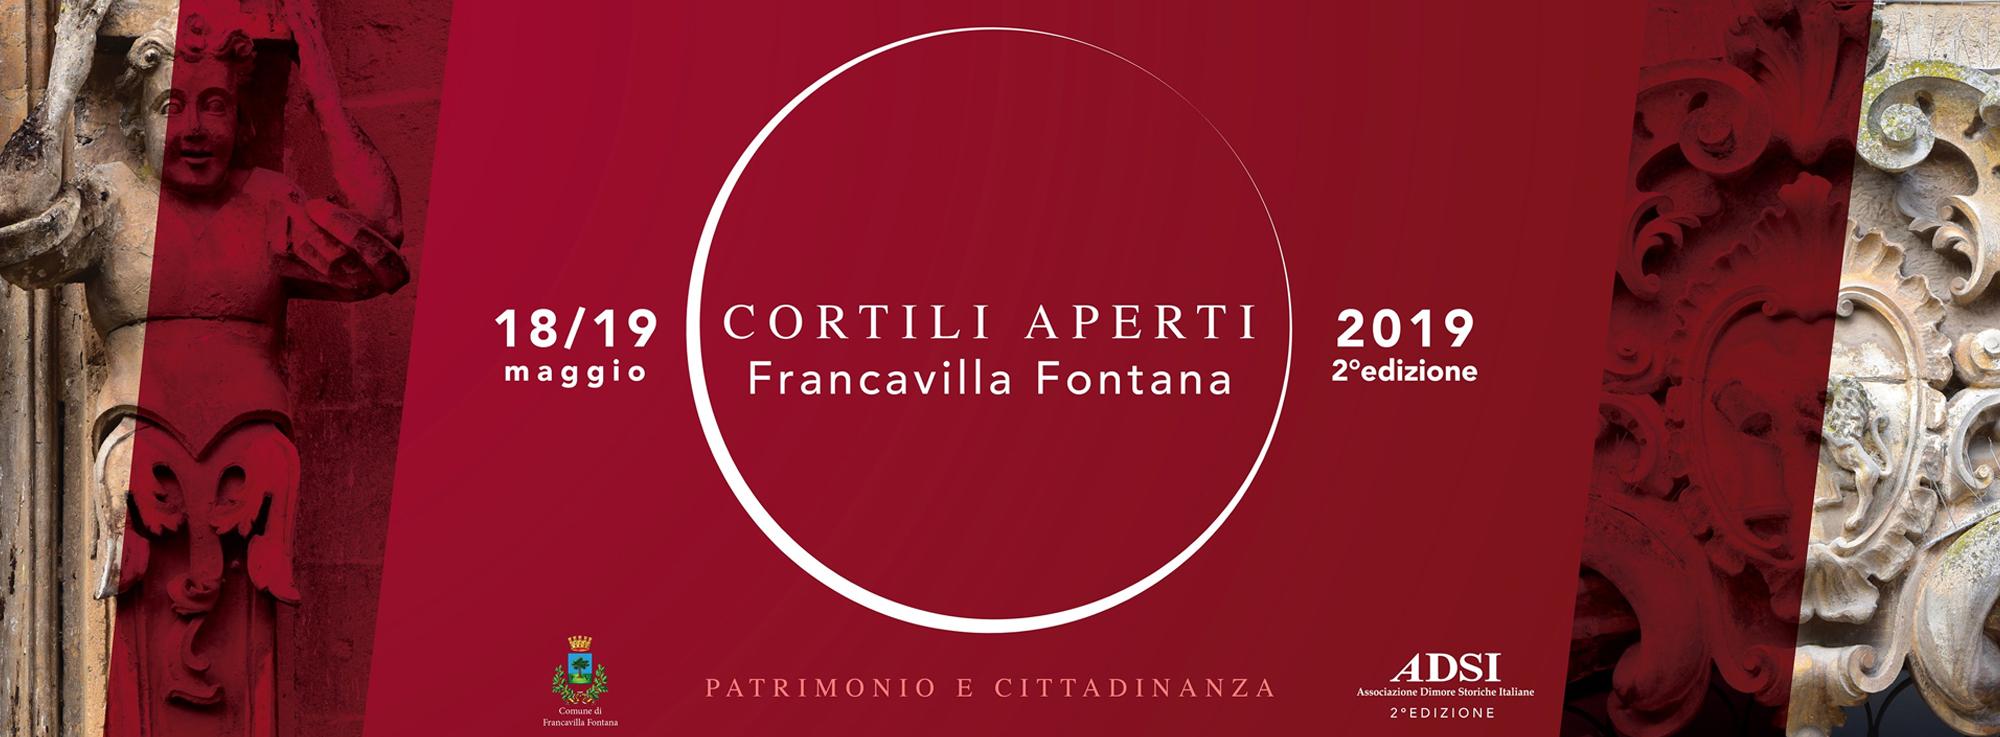 Francavilla Fontana: Cortili aperti 2019